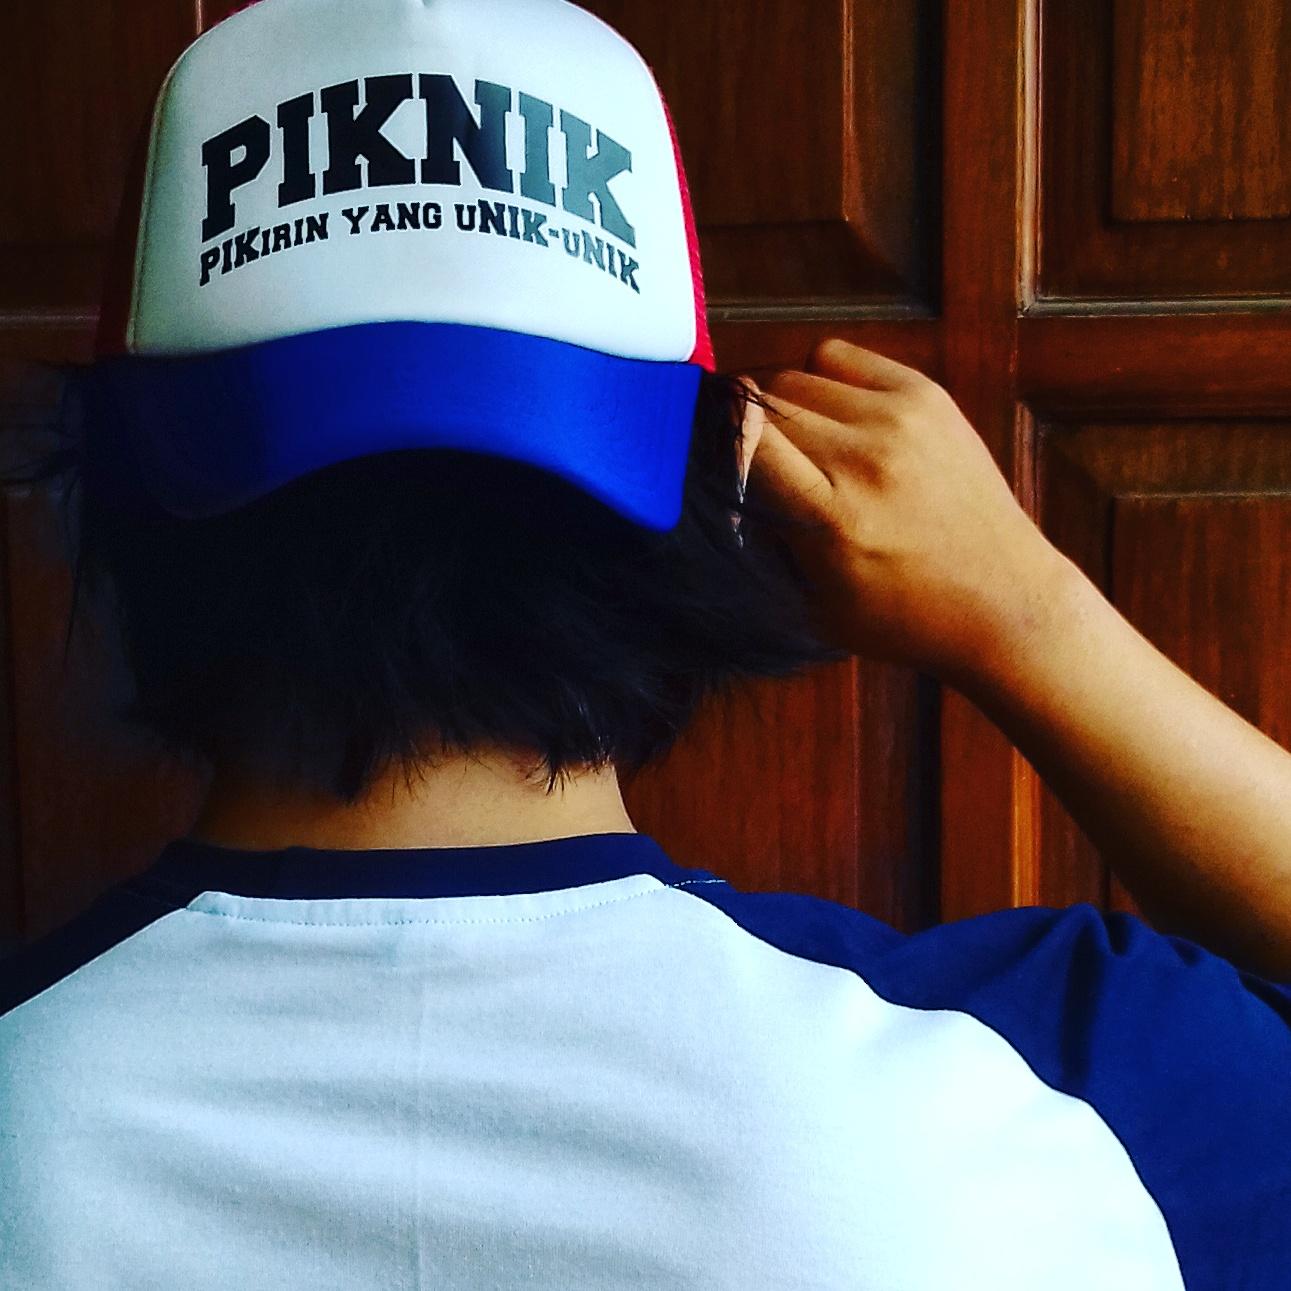 Konveksi Di Solo Vendor Pakaian Kemeja Kaos Jaket Jas Seragam Kantor Topi Desain Sendiri Bikin Satuan